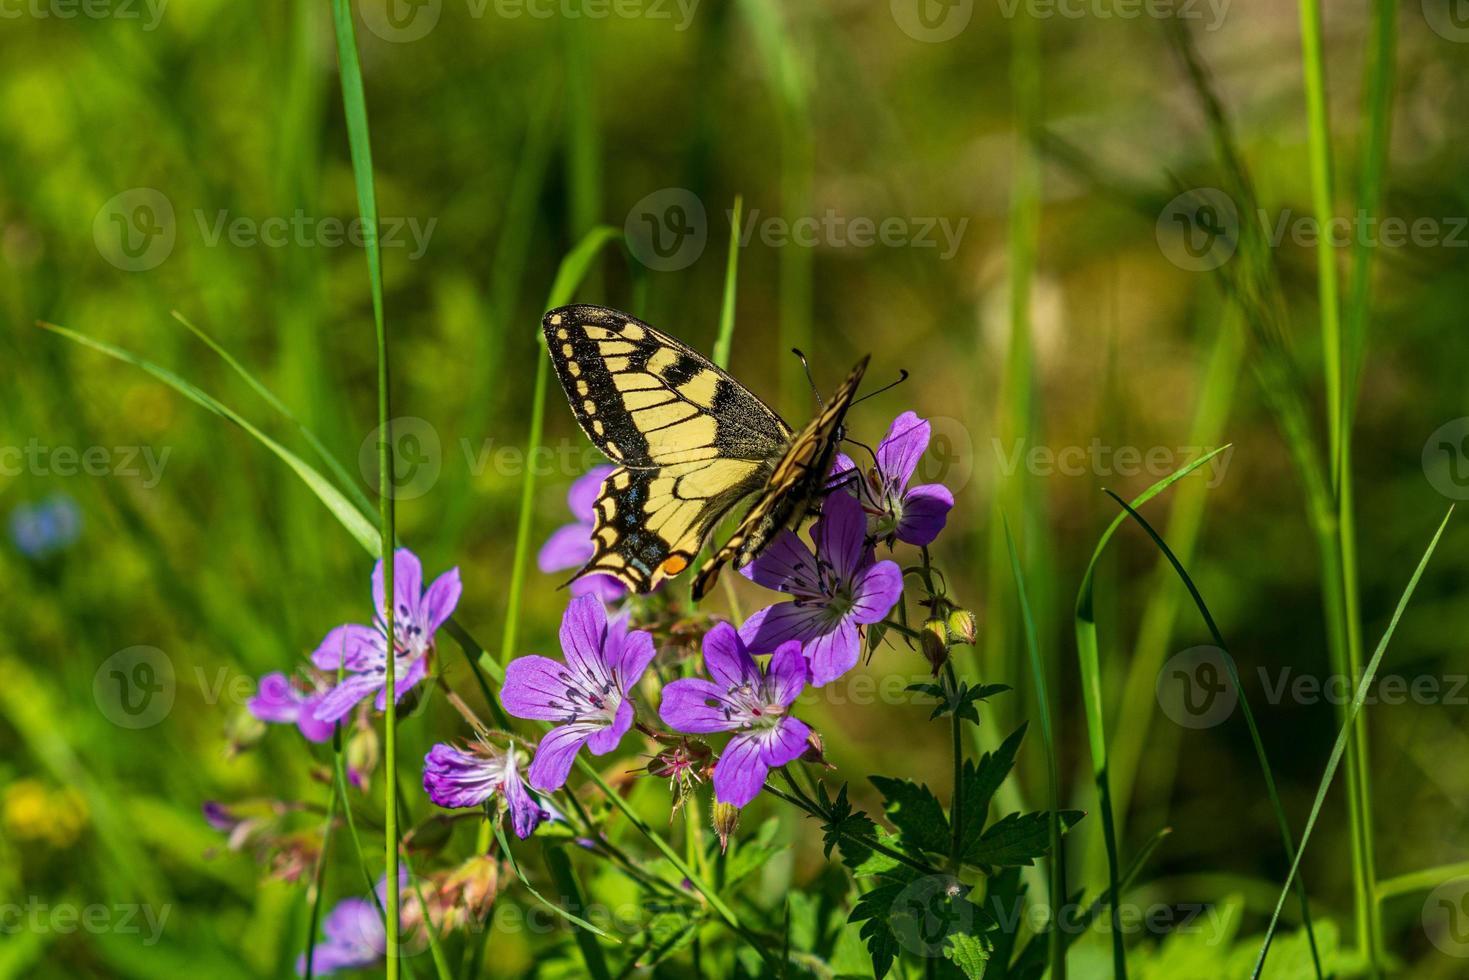 slik staartvlinder zittend op paarse bloemen in zonlicht foto